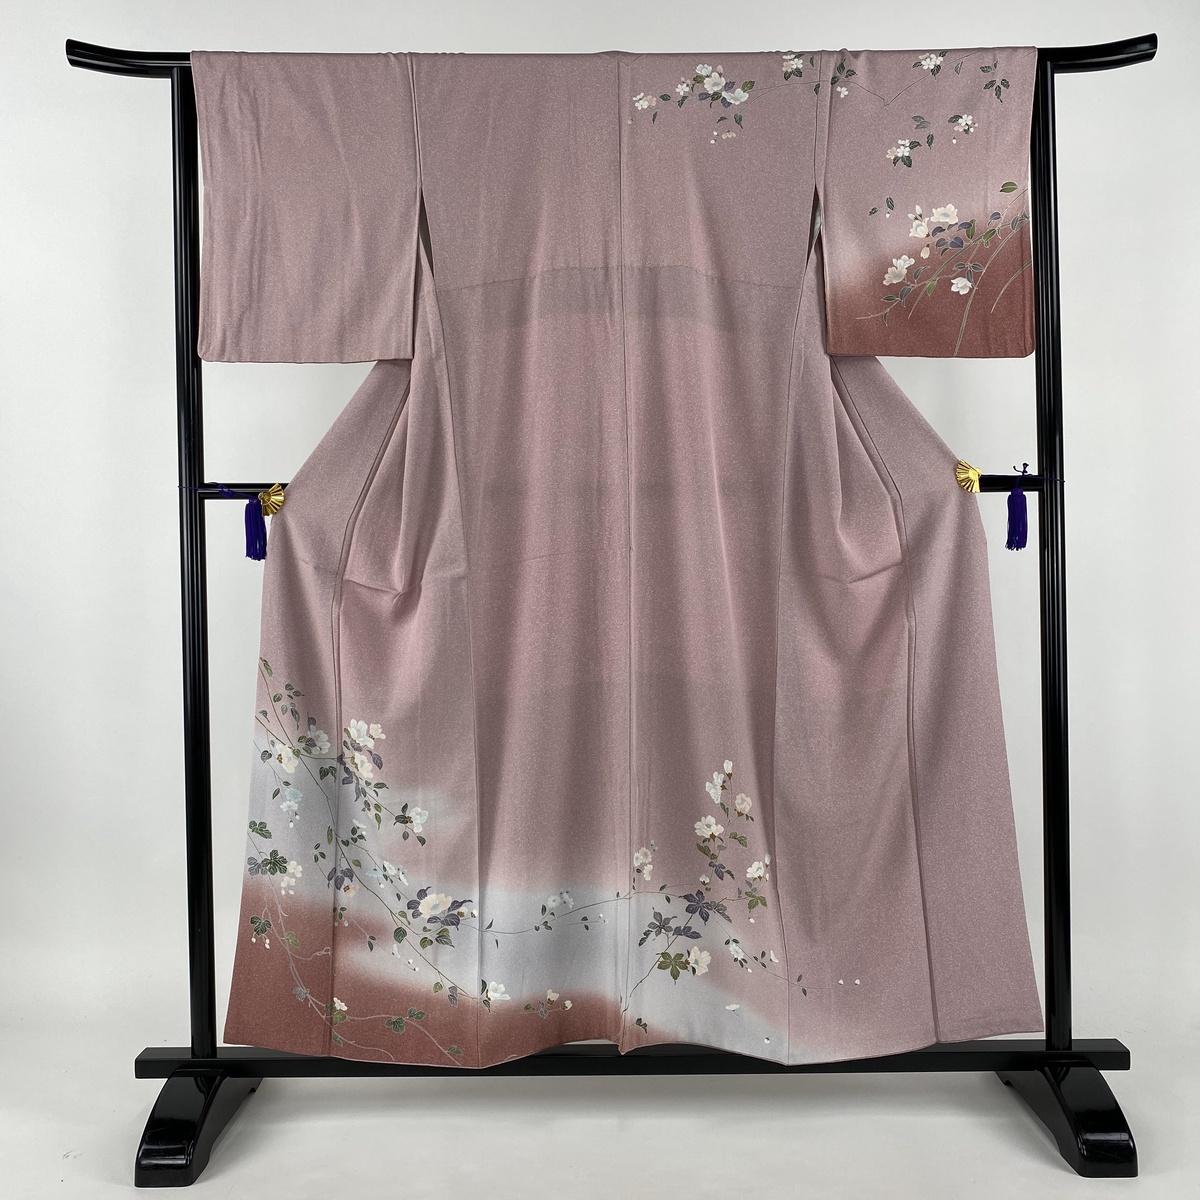 訪問着 美品 秀品 草花 ぼかし たたき染め風 薄紫 袷 身丈156cm 裄丈65cm M 正絹 【中古】